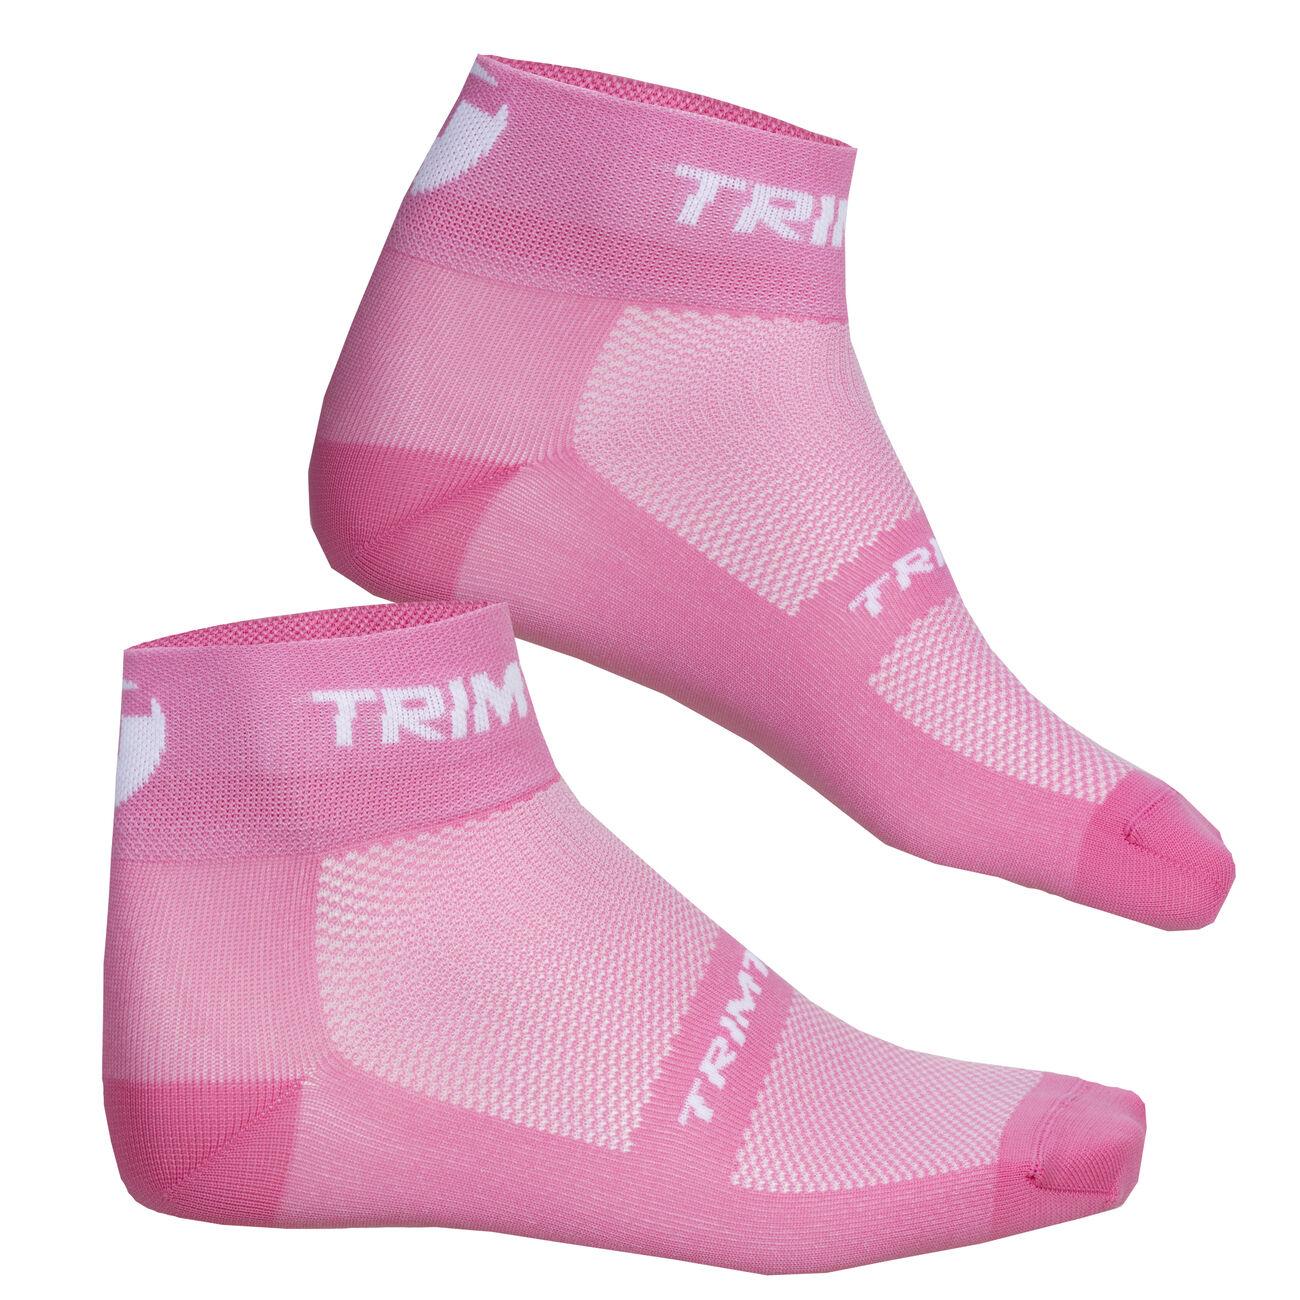 Run meryl socks